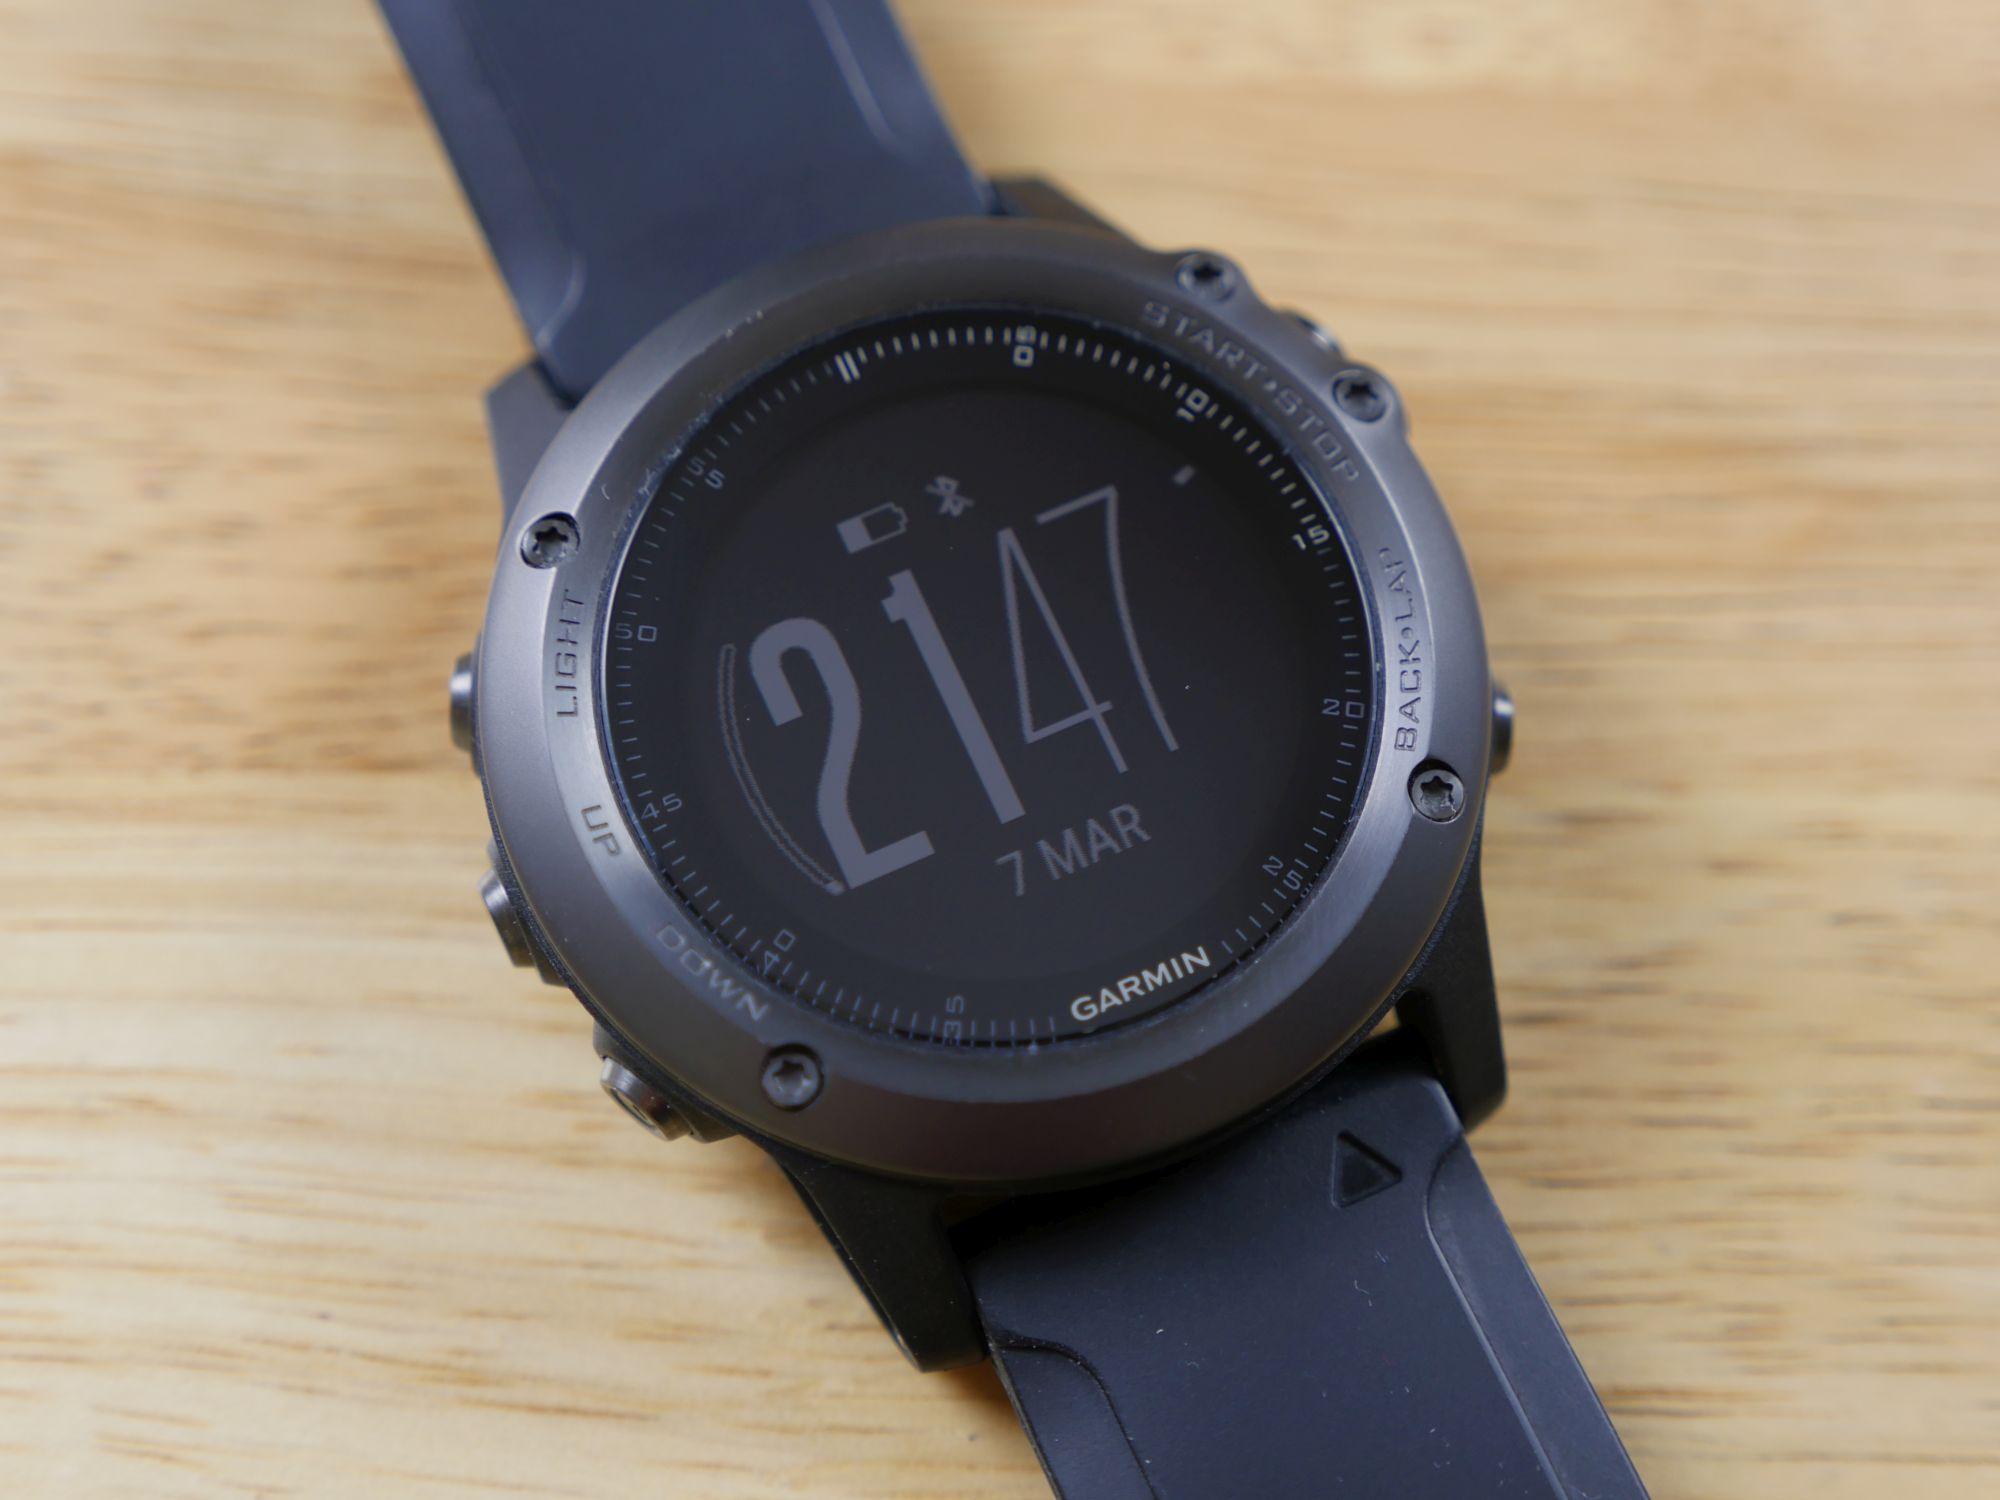 Recenzja zegarka Garmin Fenix 3 w wersji Sapphire HR Elevate